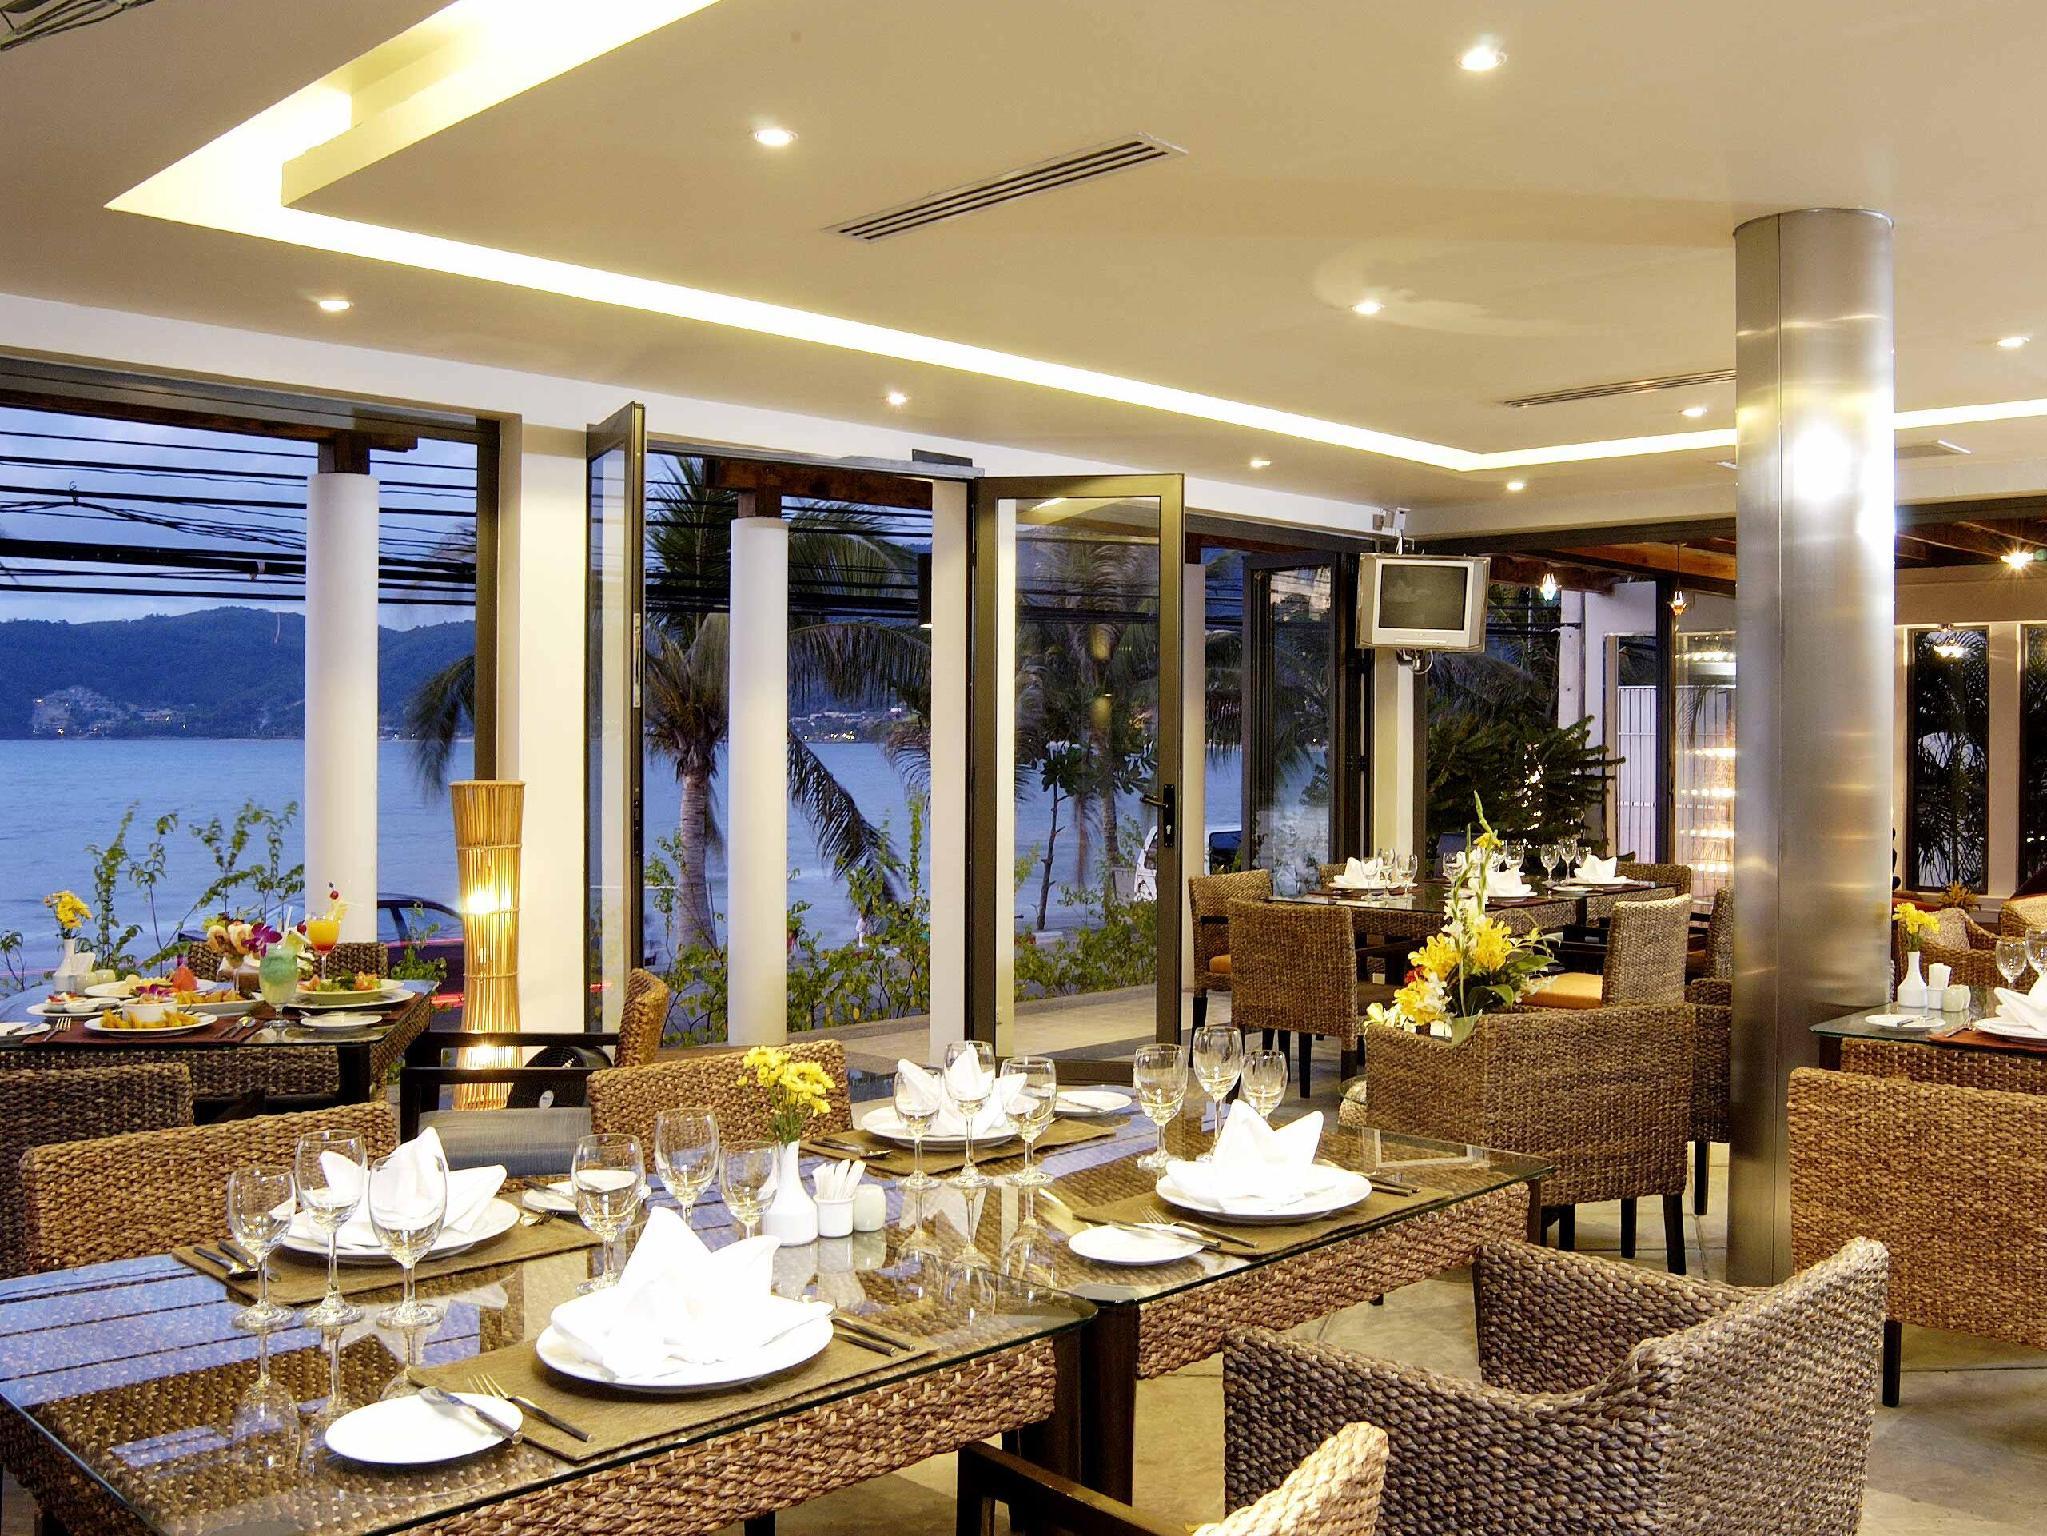 โรงแรมอวันติก้า บูทิค ป่าตอง บีช